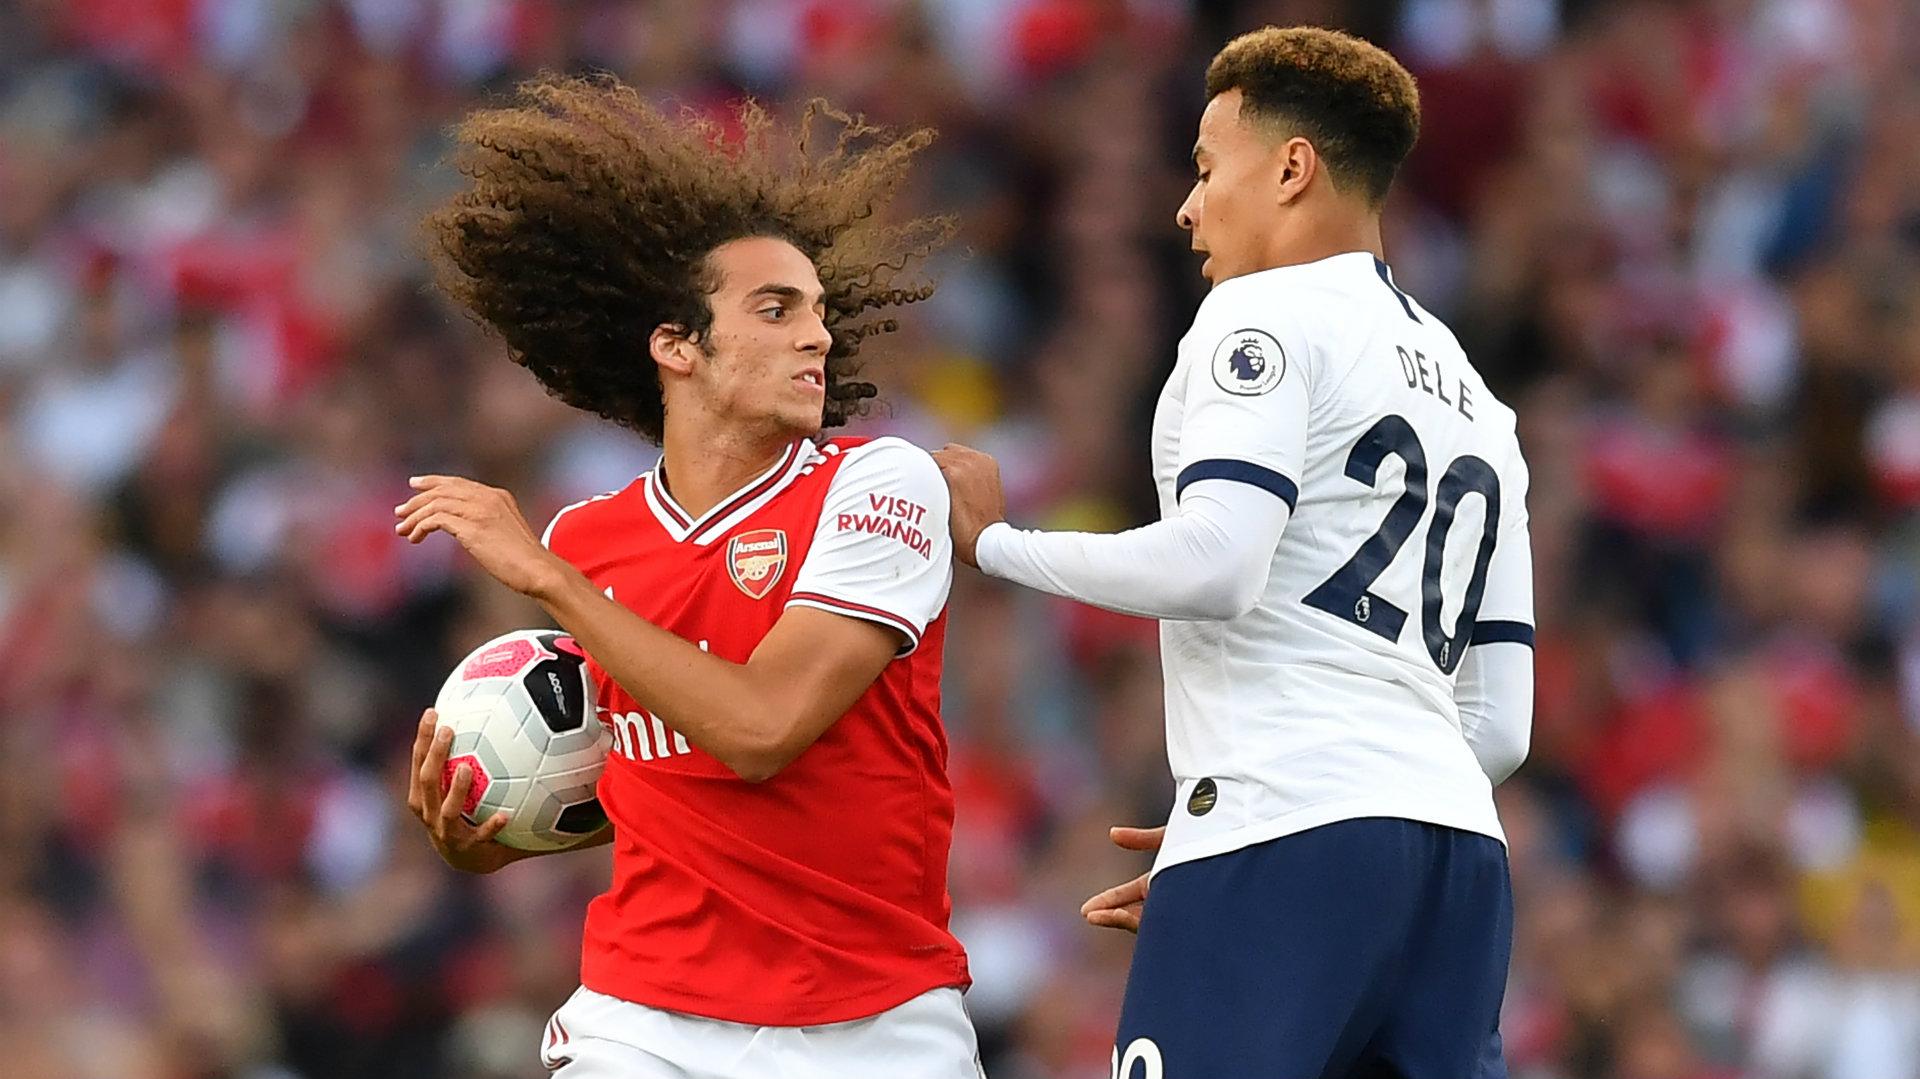 Matteo Guendouzi Arsenal vs Tottenham 2019-20